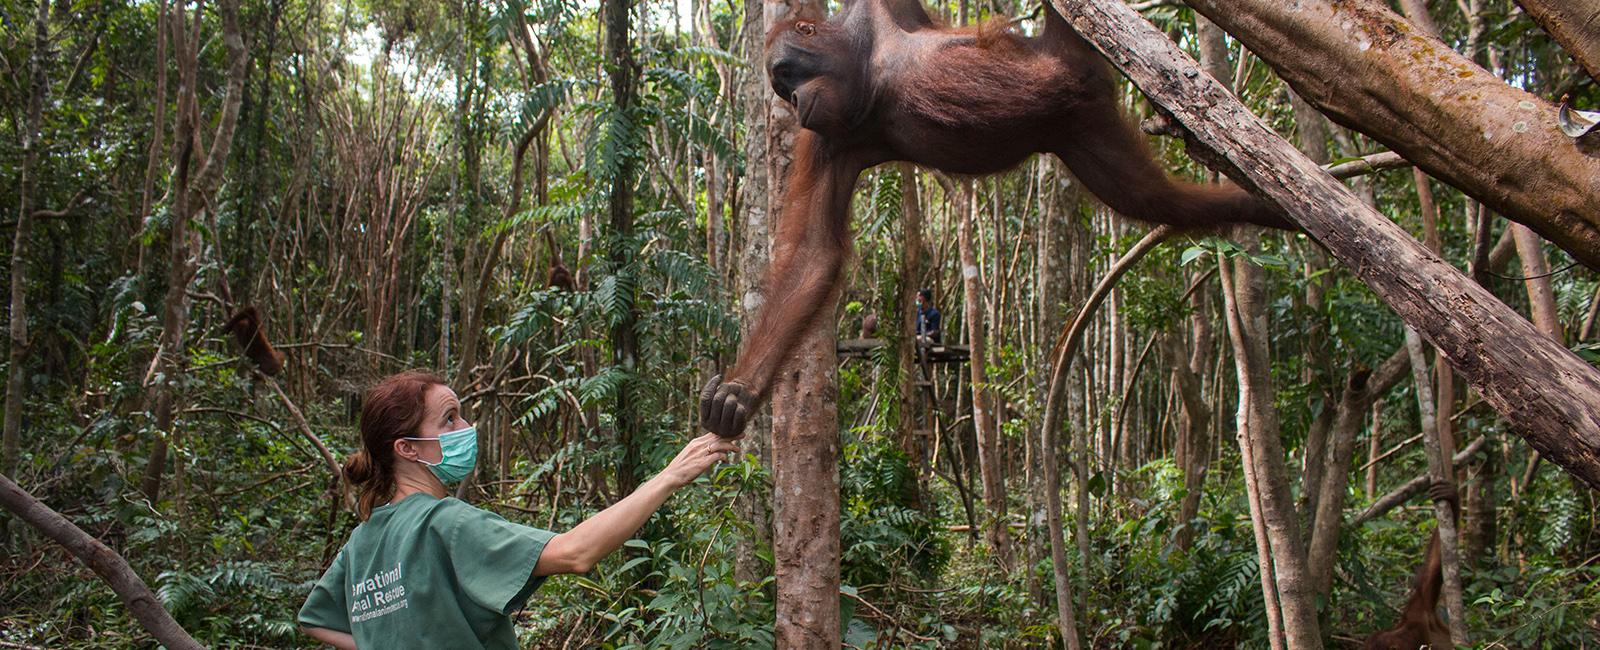 Karmele and orangutan 1600×650